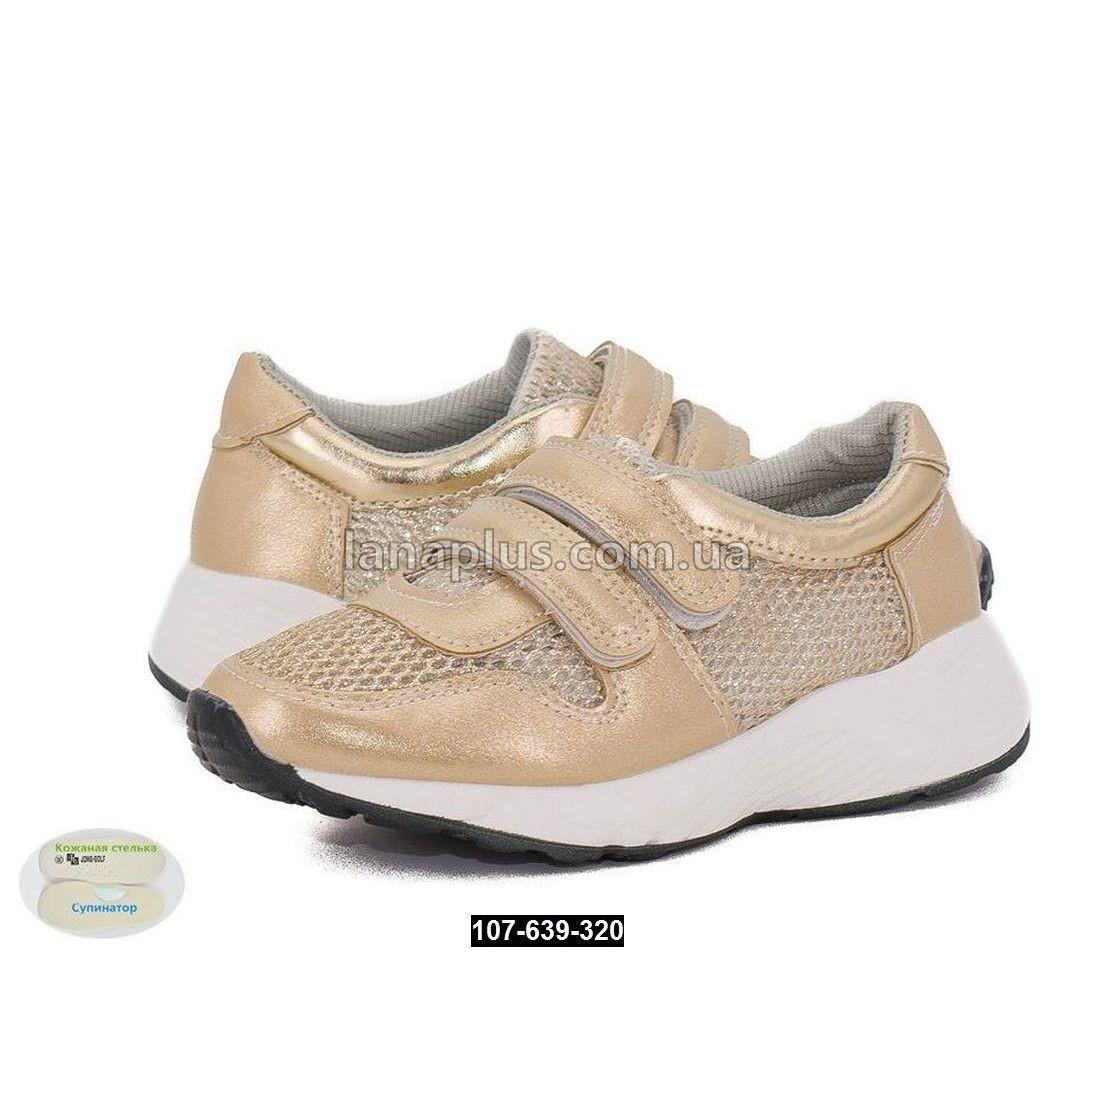 Дышащие кроссовки, слипоны для девочки, 35 размер (22.2 см), супинатор, кожаная стелька